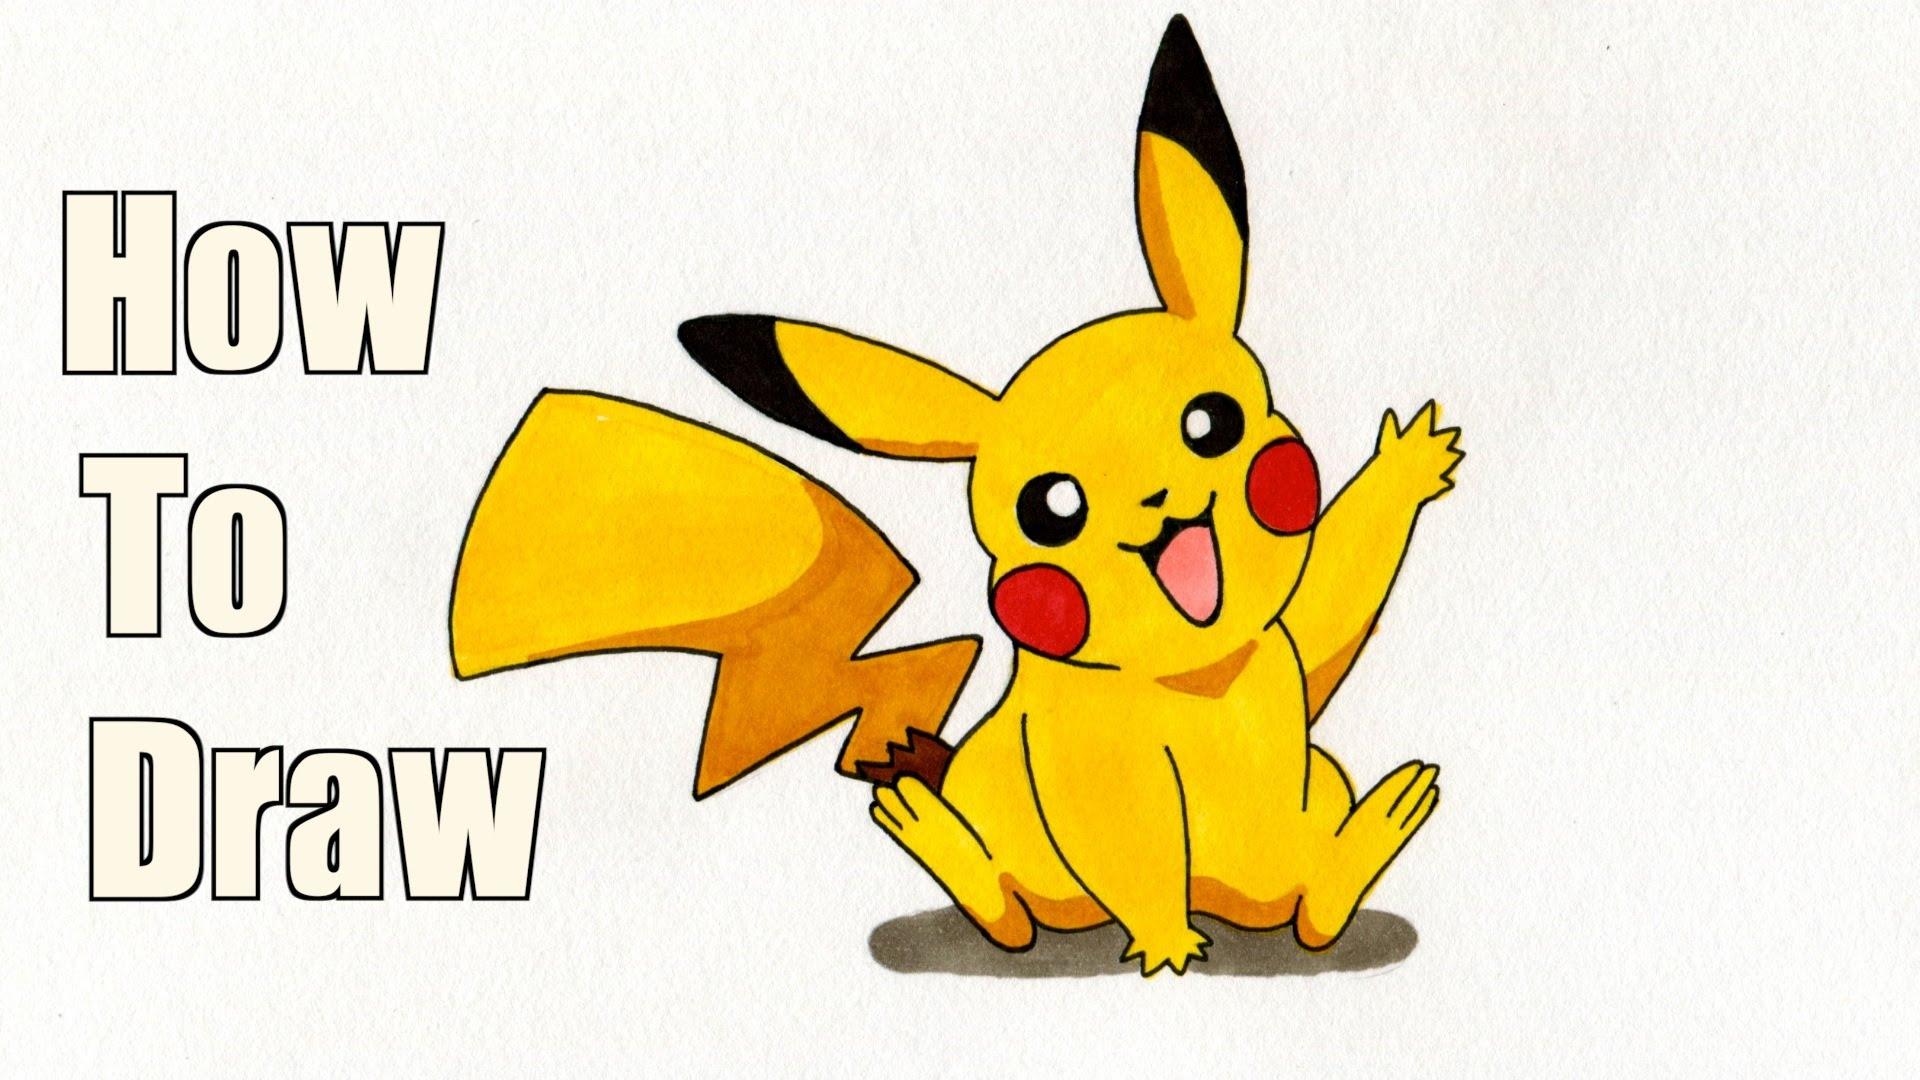 1920x1080 How To Draw Pikachu! (Pokemon Drawing Tutorial)